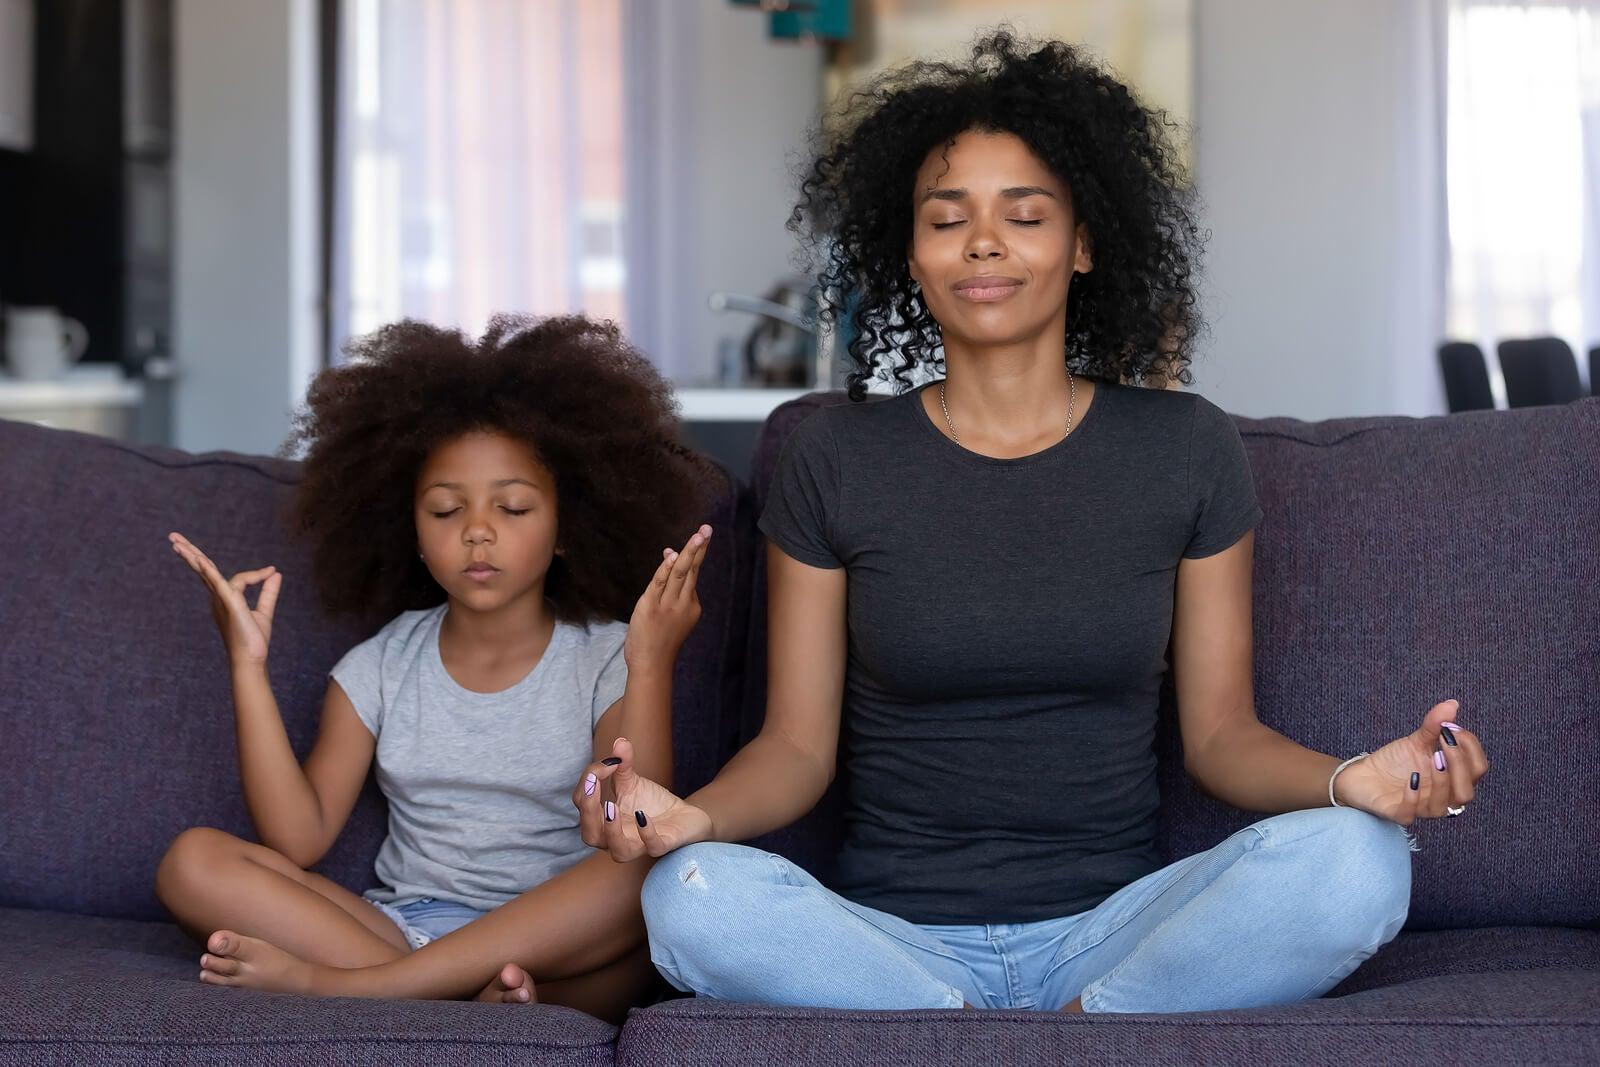 Madre e hija practicando mindfulness.